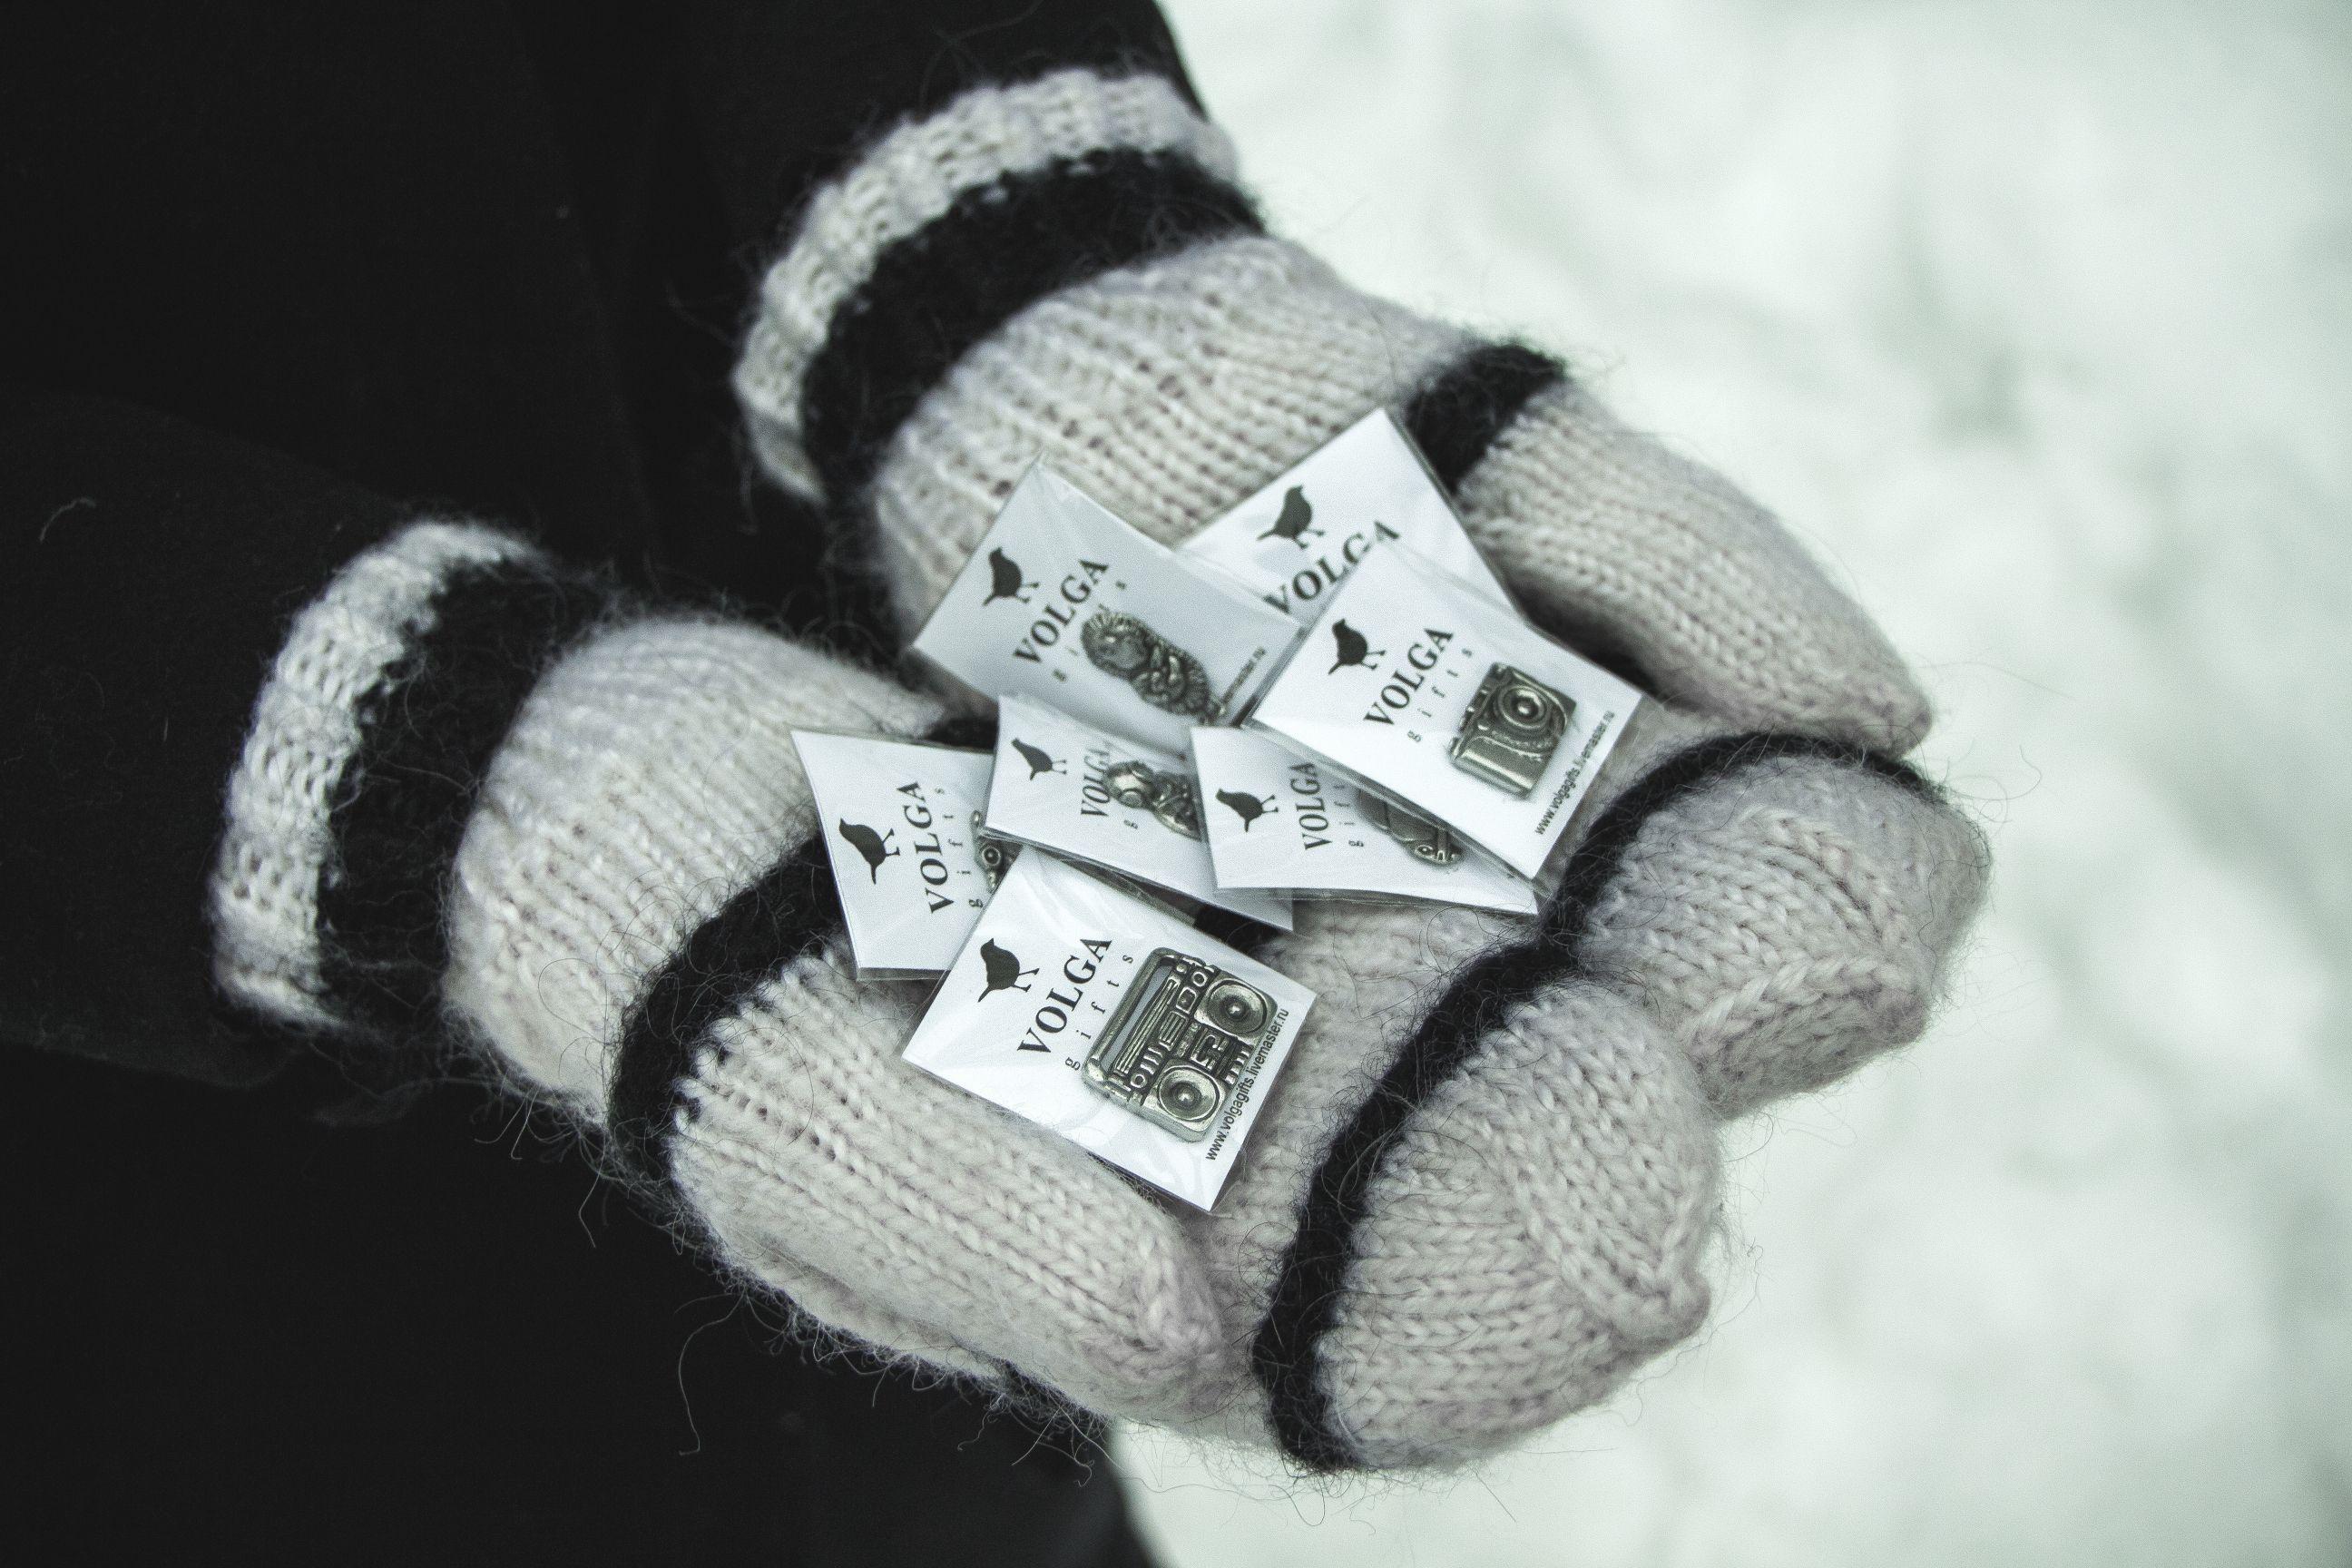 заказ на значок бабочка мультфильм замок для аксессуары животные серебряный мультяшки союзмультфильм тумане свидетелей лацкан значки ежик нательный в попарт бижутерия